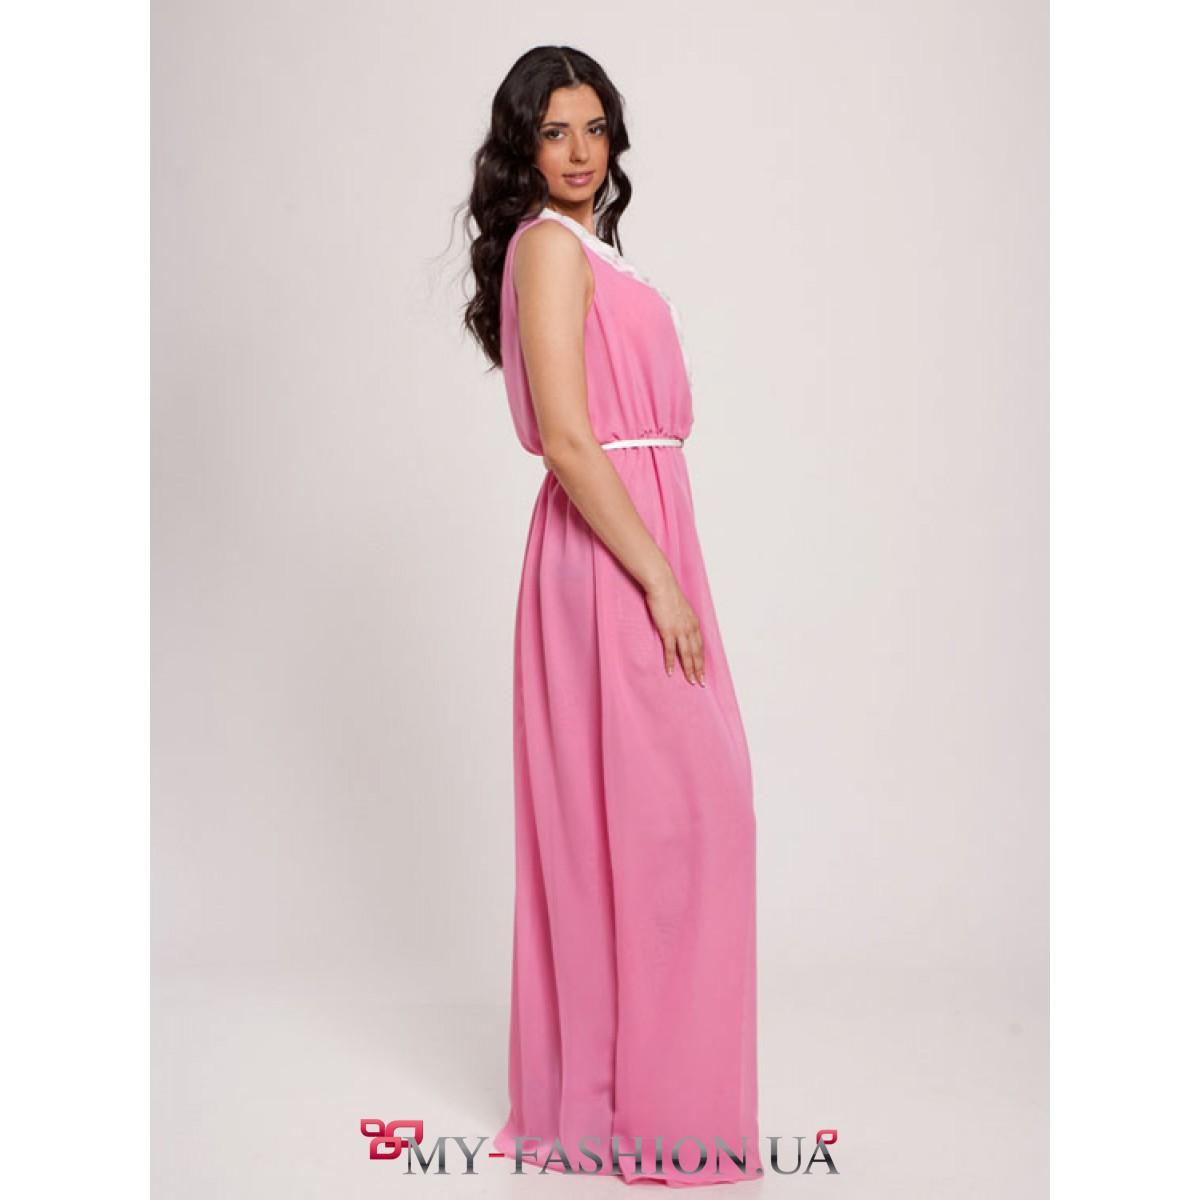 Платье В Греческом Стиле Купить